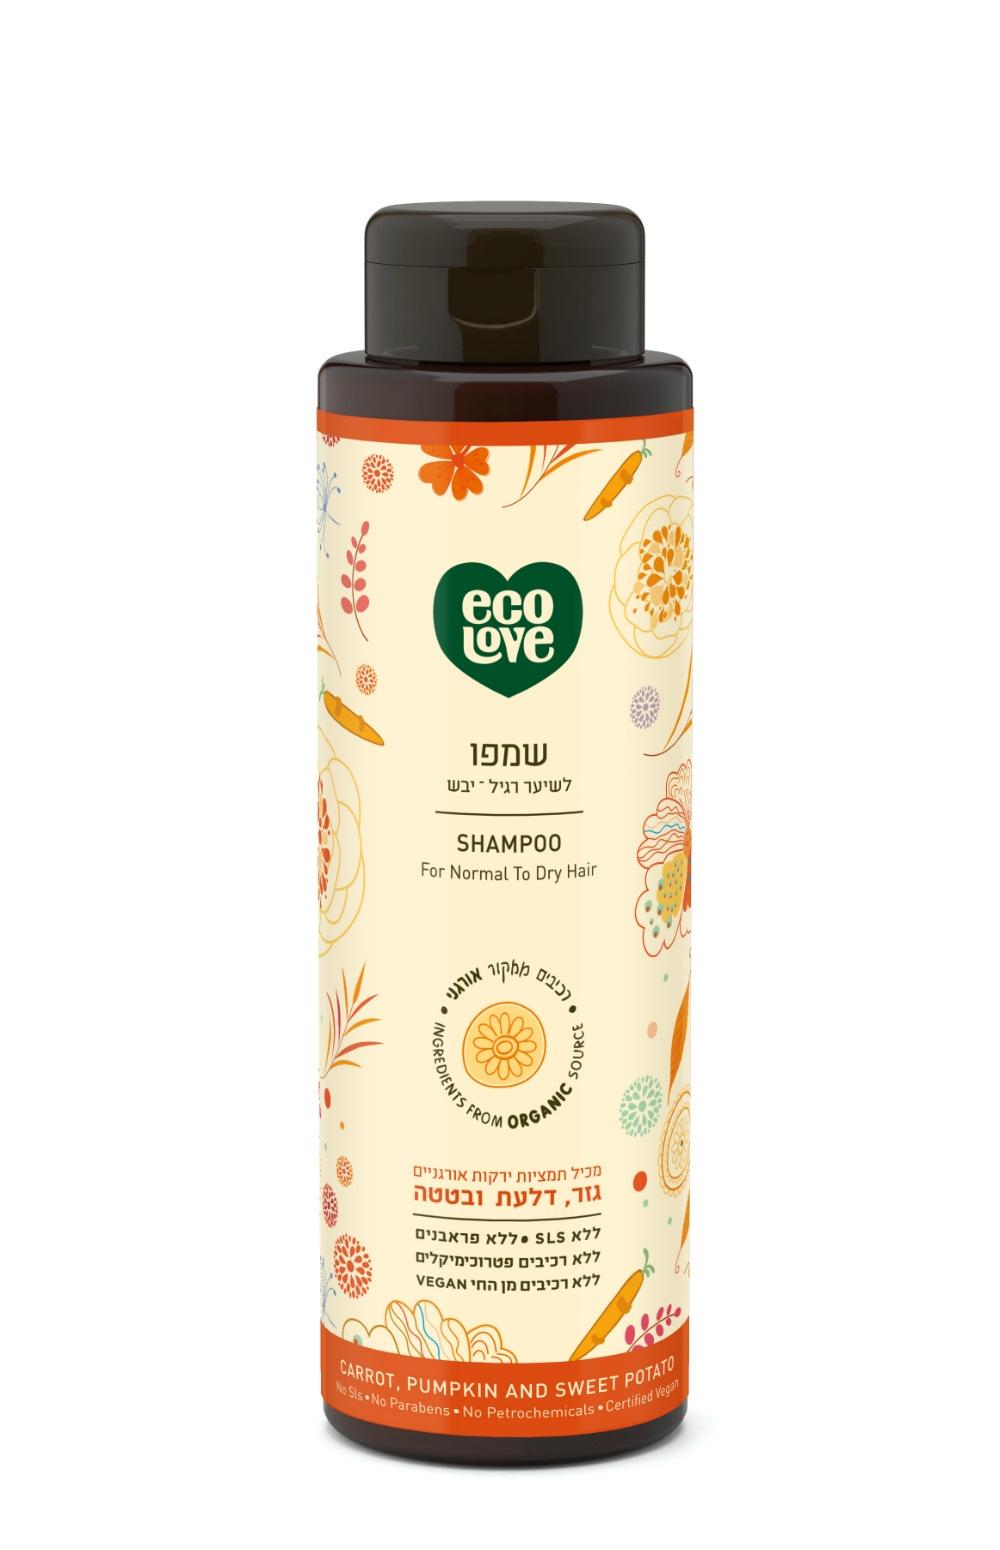 שמפו טבעי אקולוגי לשיער רגיל עד יבש - אקו סטור